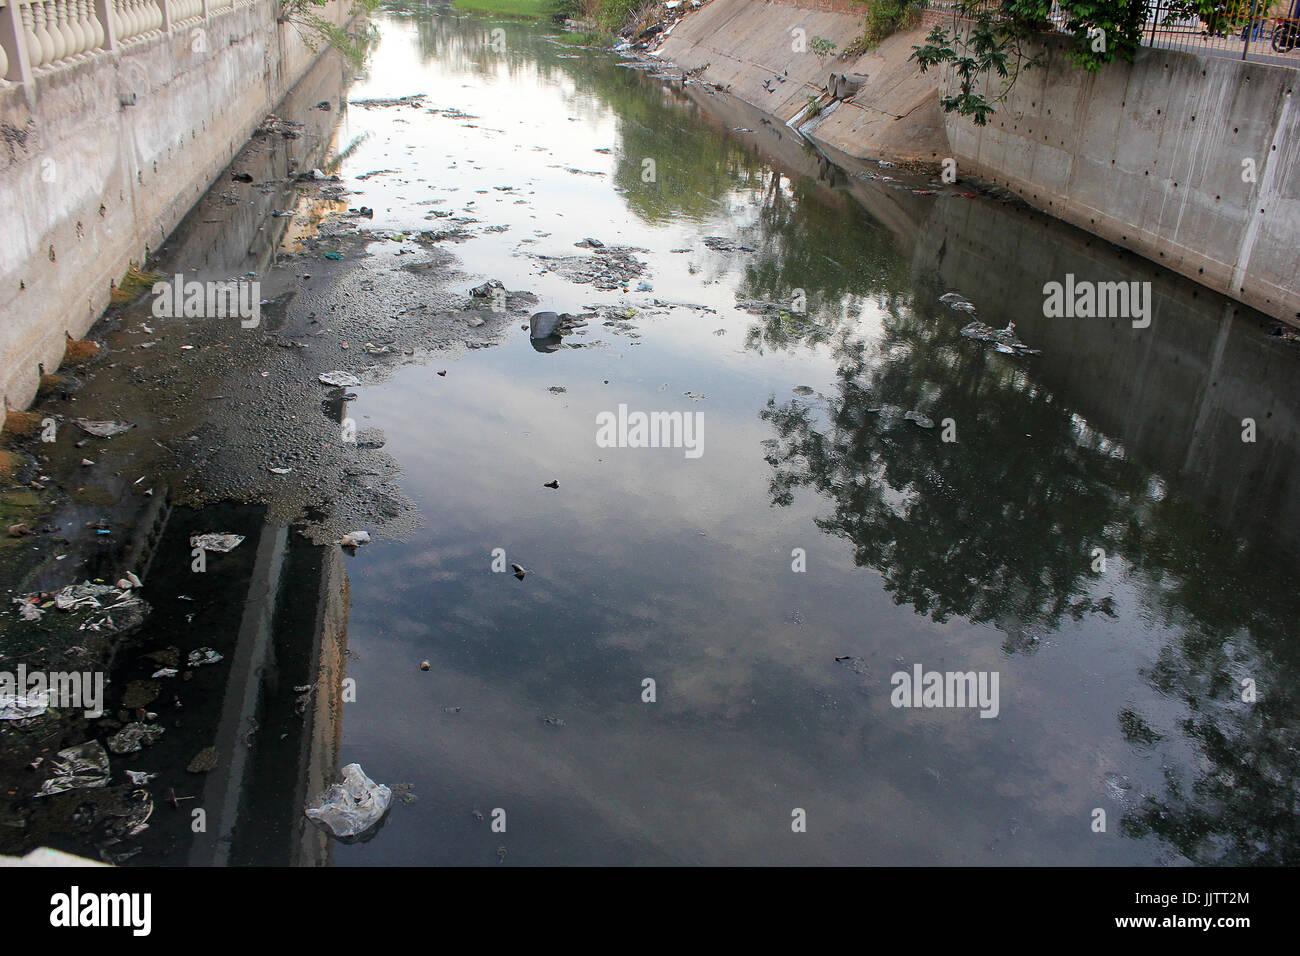 India Sewage Stock Photos & India Sewage Stock Images - Alamy